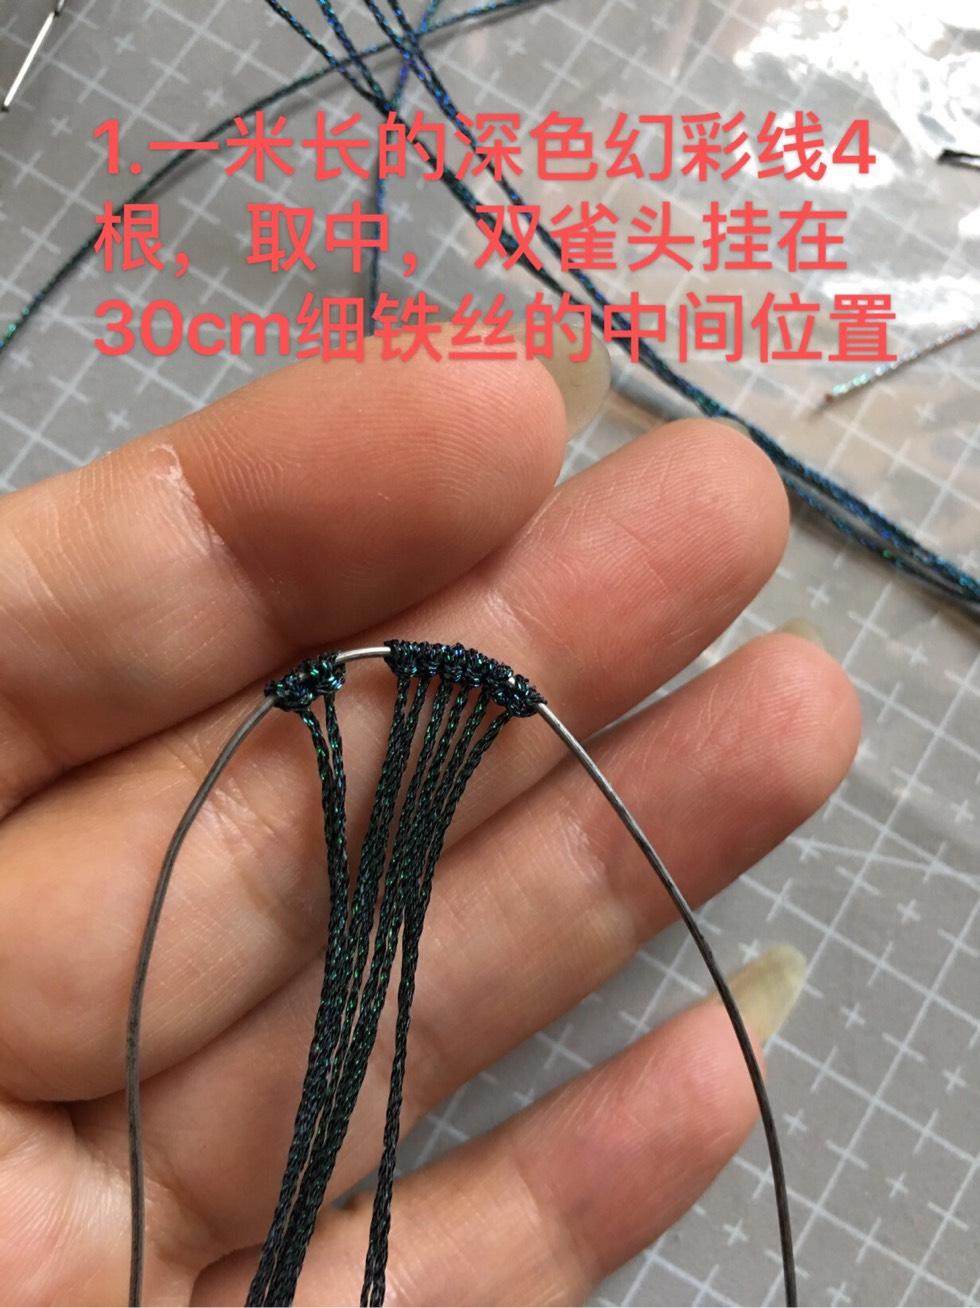 中国结论坛 萌萌哒小滑板 大滑板和小滑板的区别,两个小的滑板叫什么,小鱼板和滑板的区别,特别小的滑板 作品展示 133556p5gz8pwlzfos5z2p